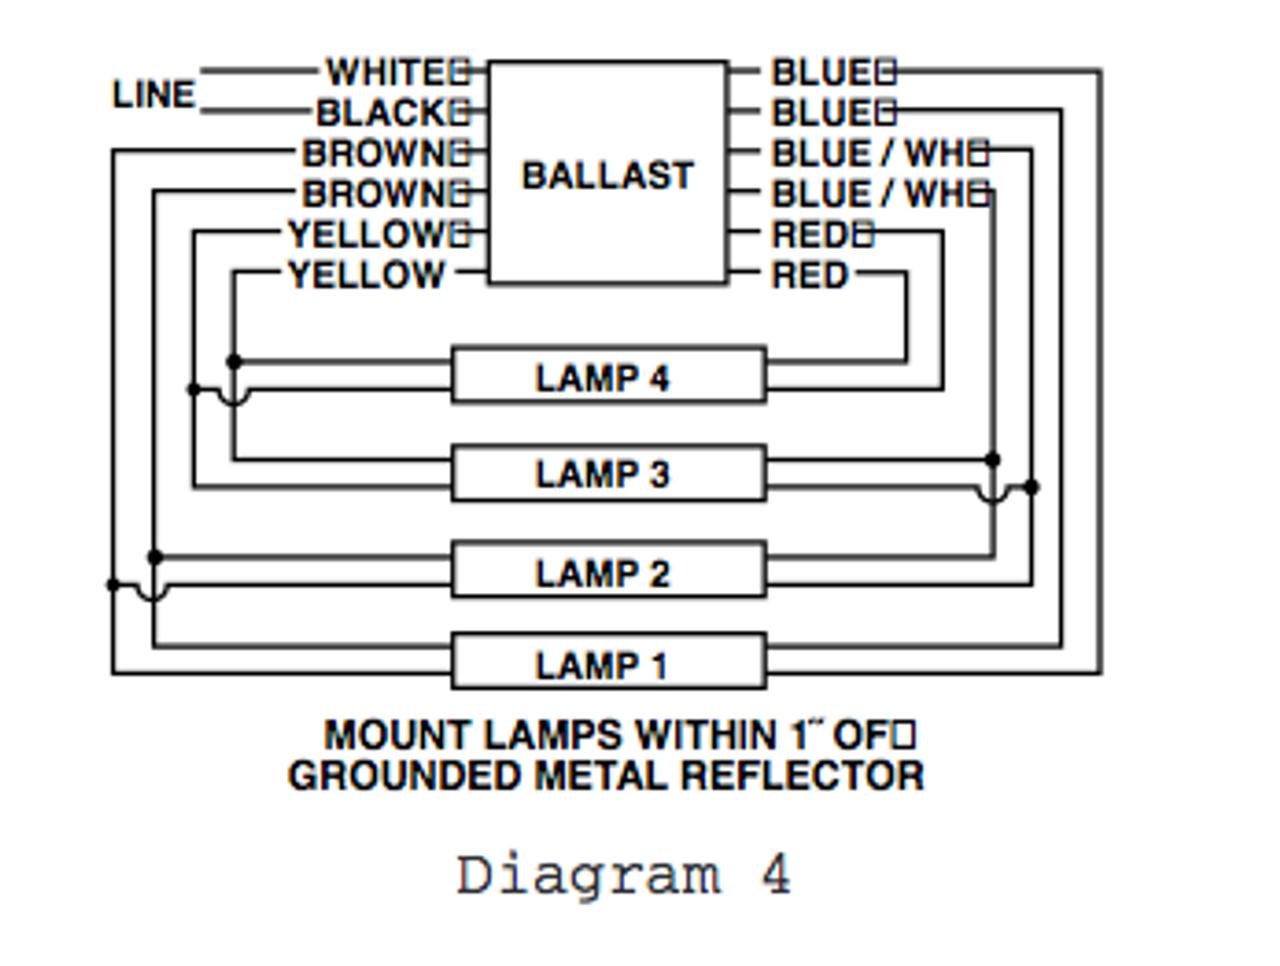 asb sign ballast wiring diagram wiring diagram u2022 rh growbyte co